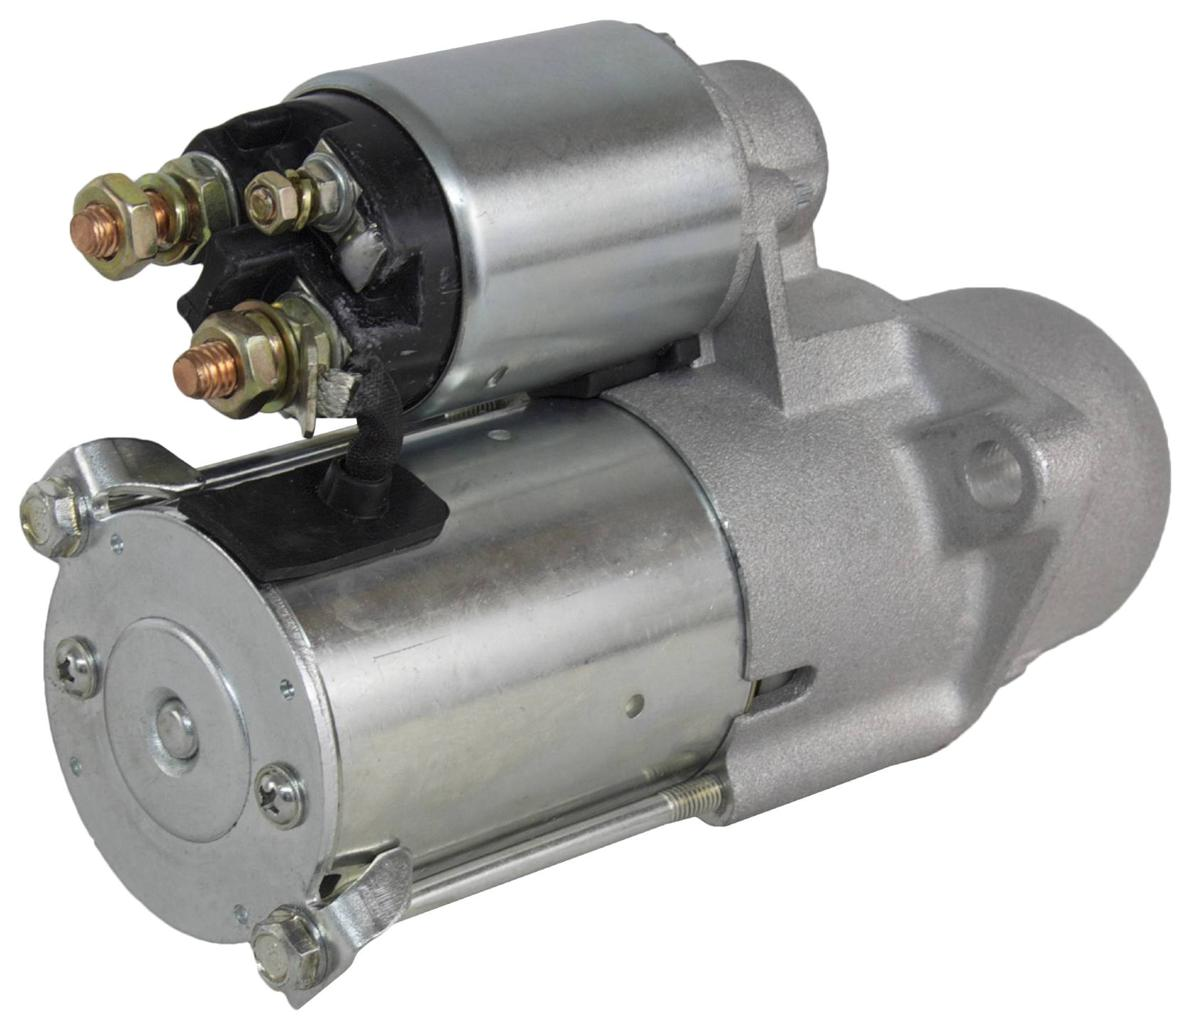 new starter motor pontiac g6 4 cyl 2 4l 2007 323 1642. Black Bedroom Furniture Sets. Home Design Ideas